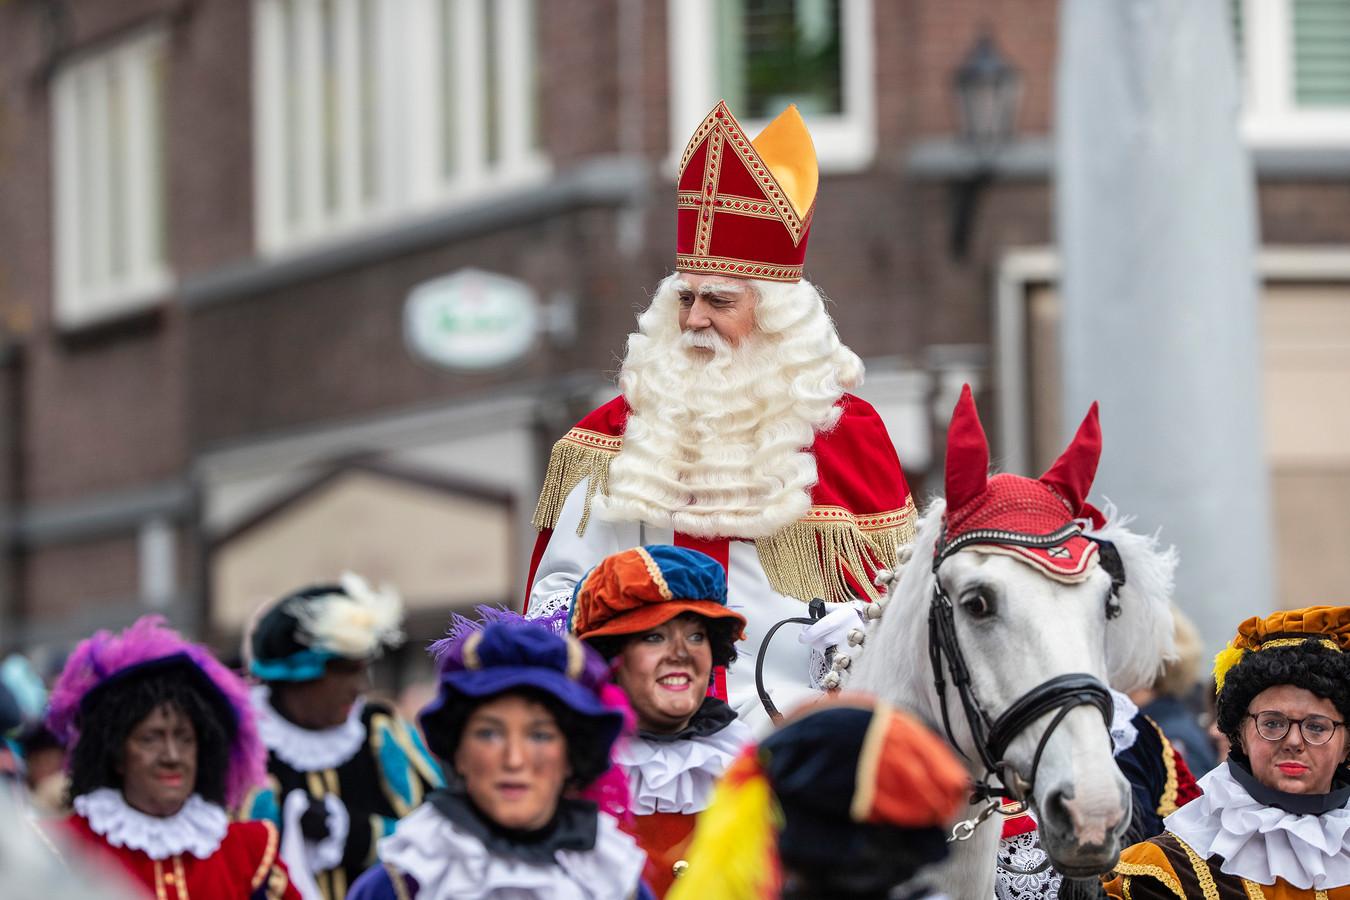 Sinterklaas doet komend jaar ook de dorpen in Aalten aan. De avonturen van de Sint zijn dit jaar alleen digitaal te volgen. Archieffoto: Jan van den Brink